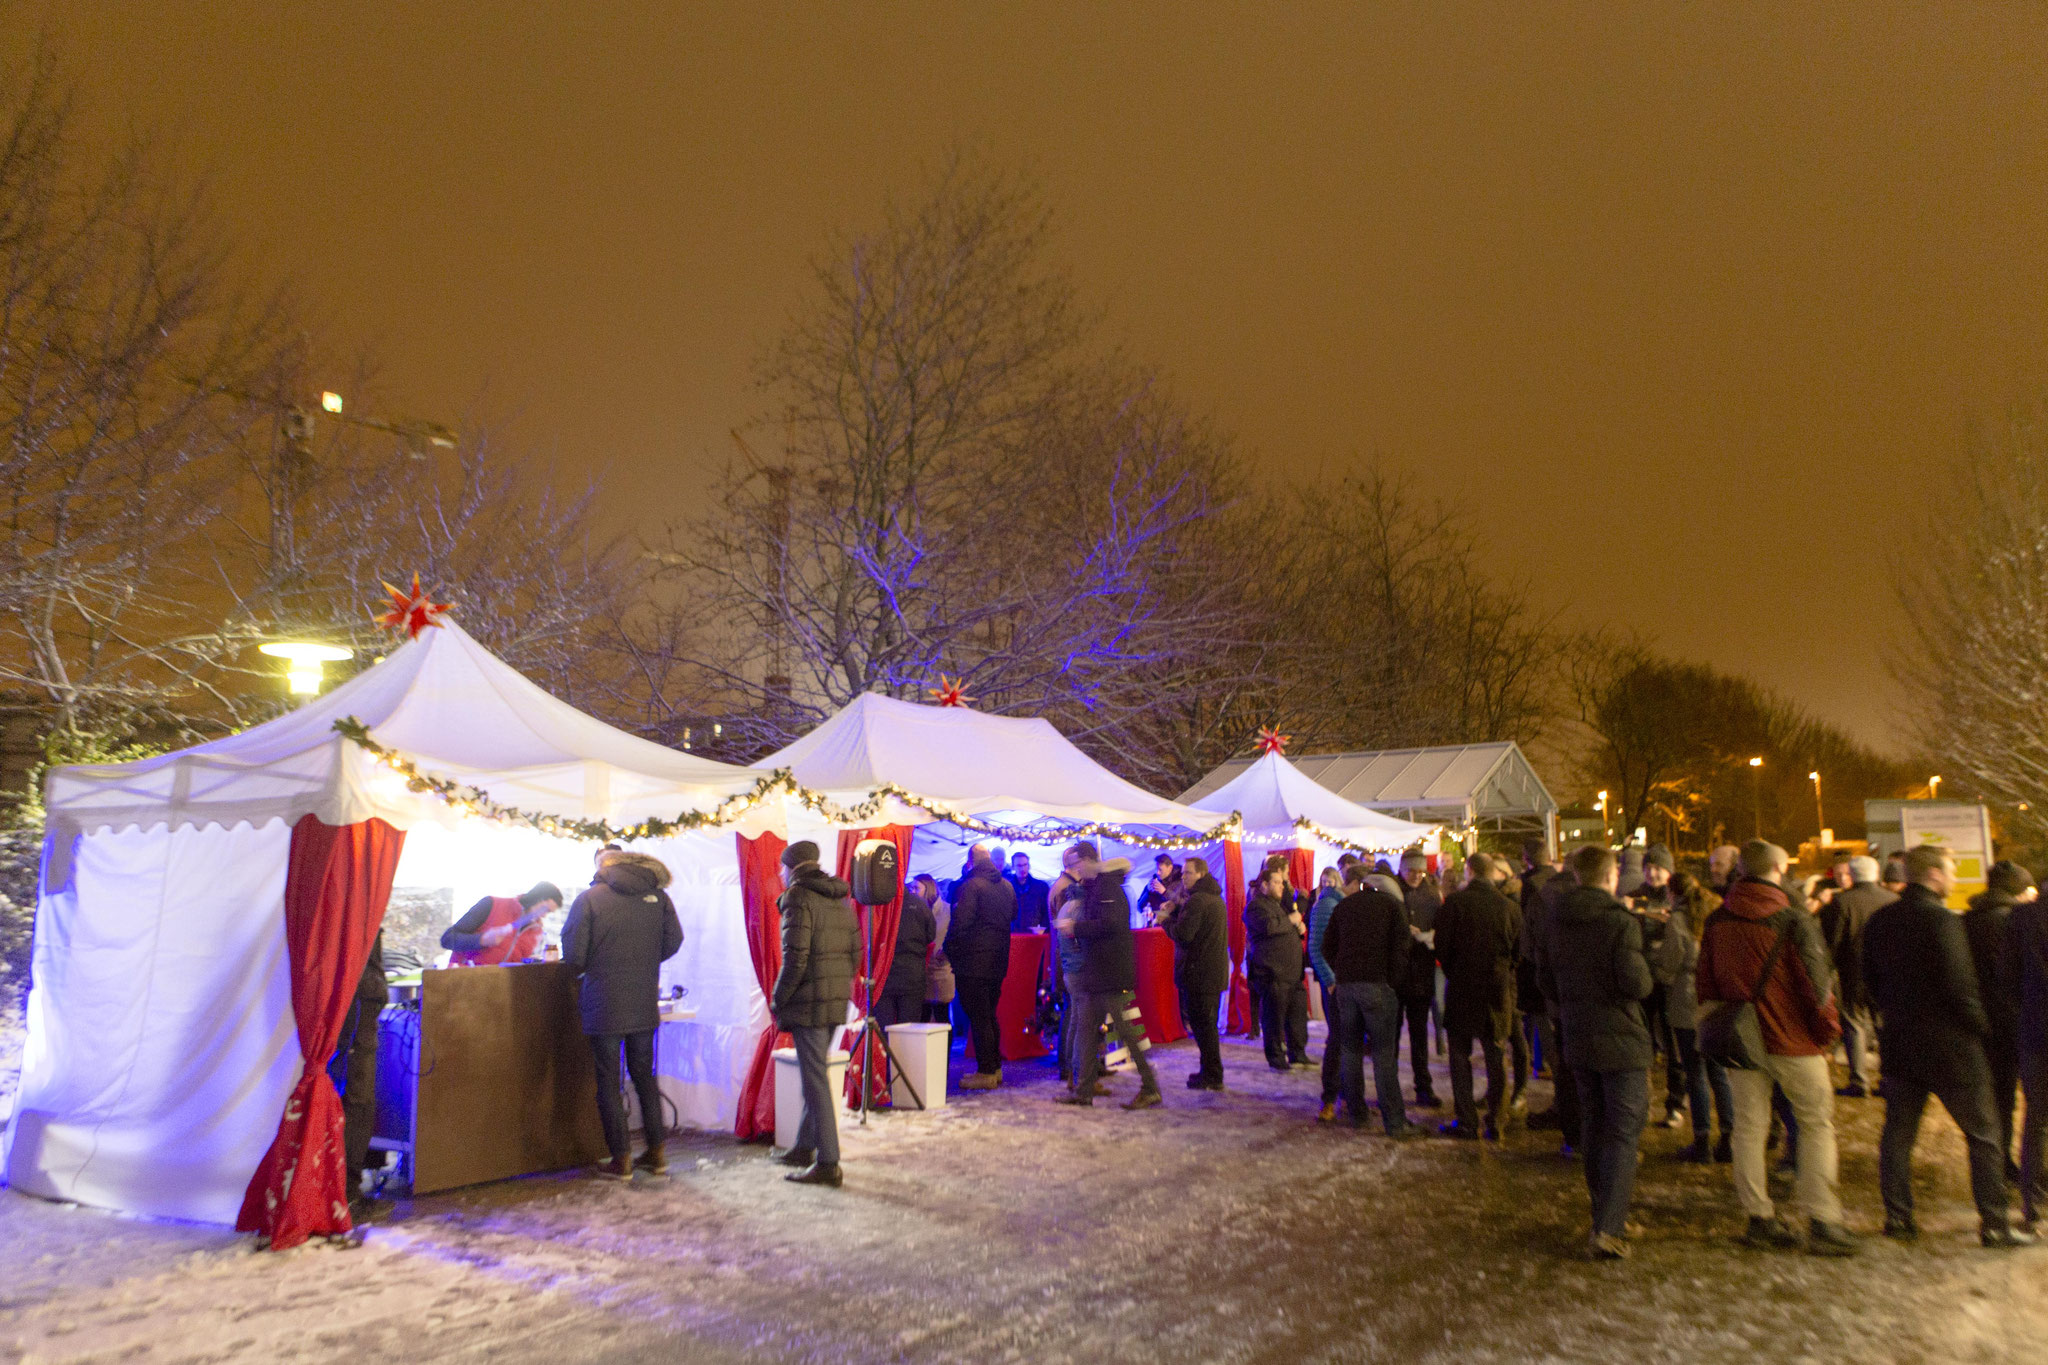 gemütliche Stimmung auf dem eigenen Weihnachtsmarkt mit stylischen Pagoden in Braunschweig